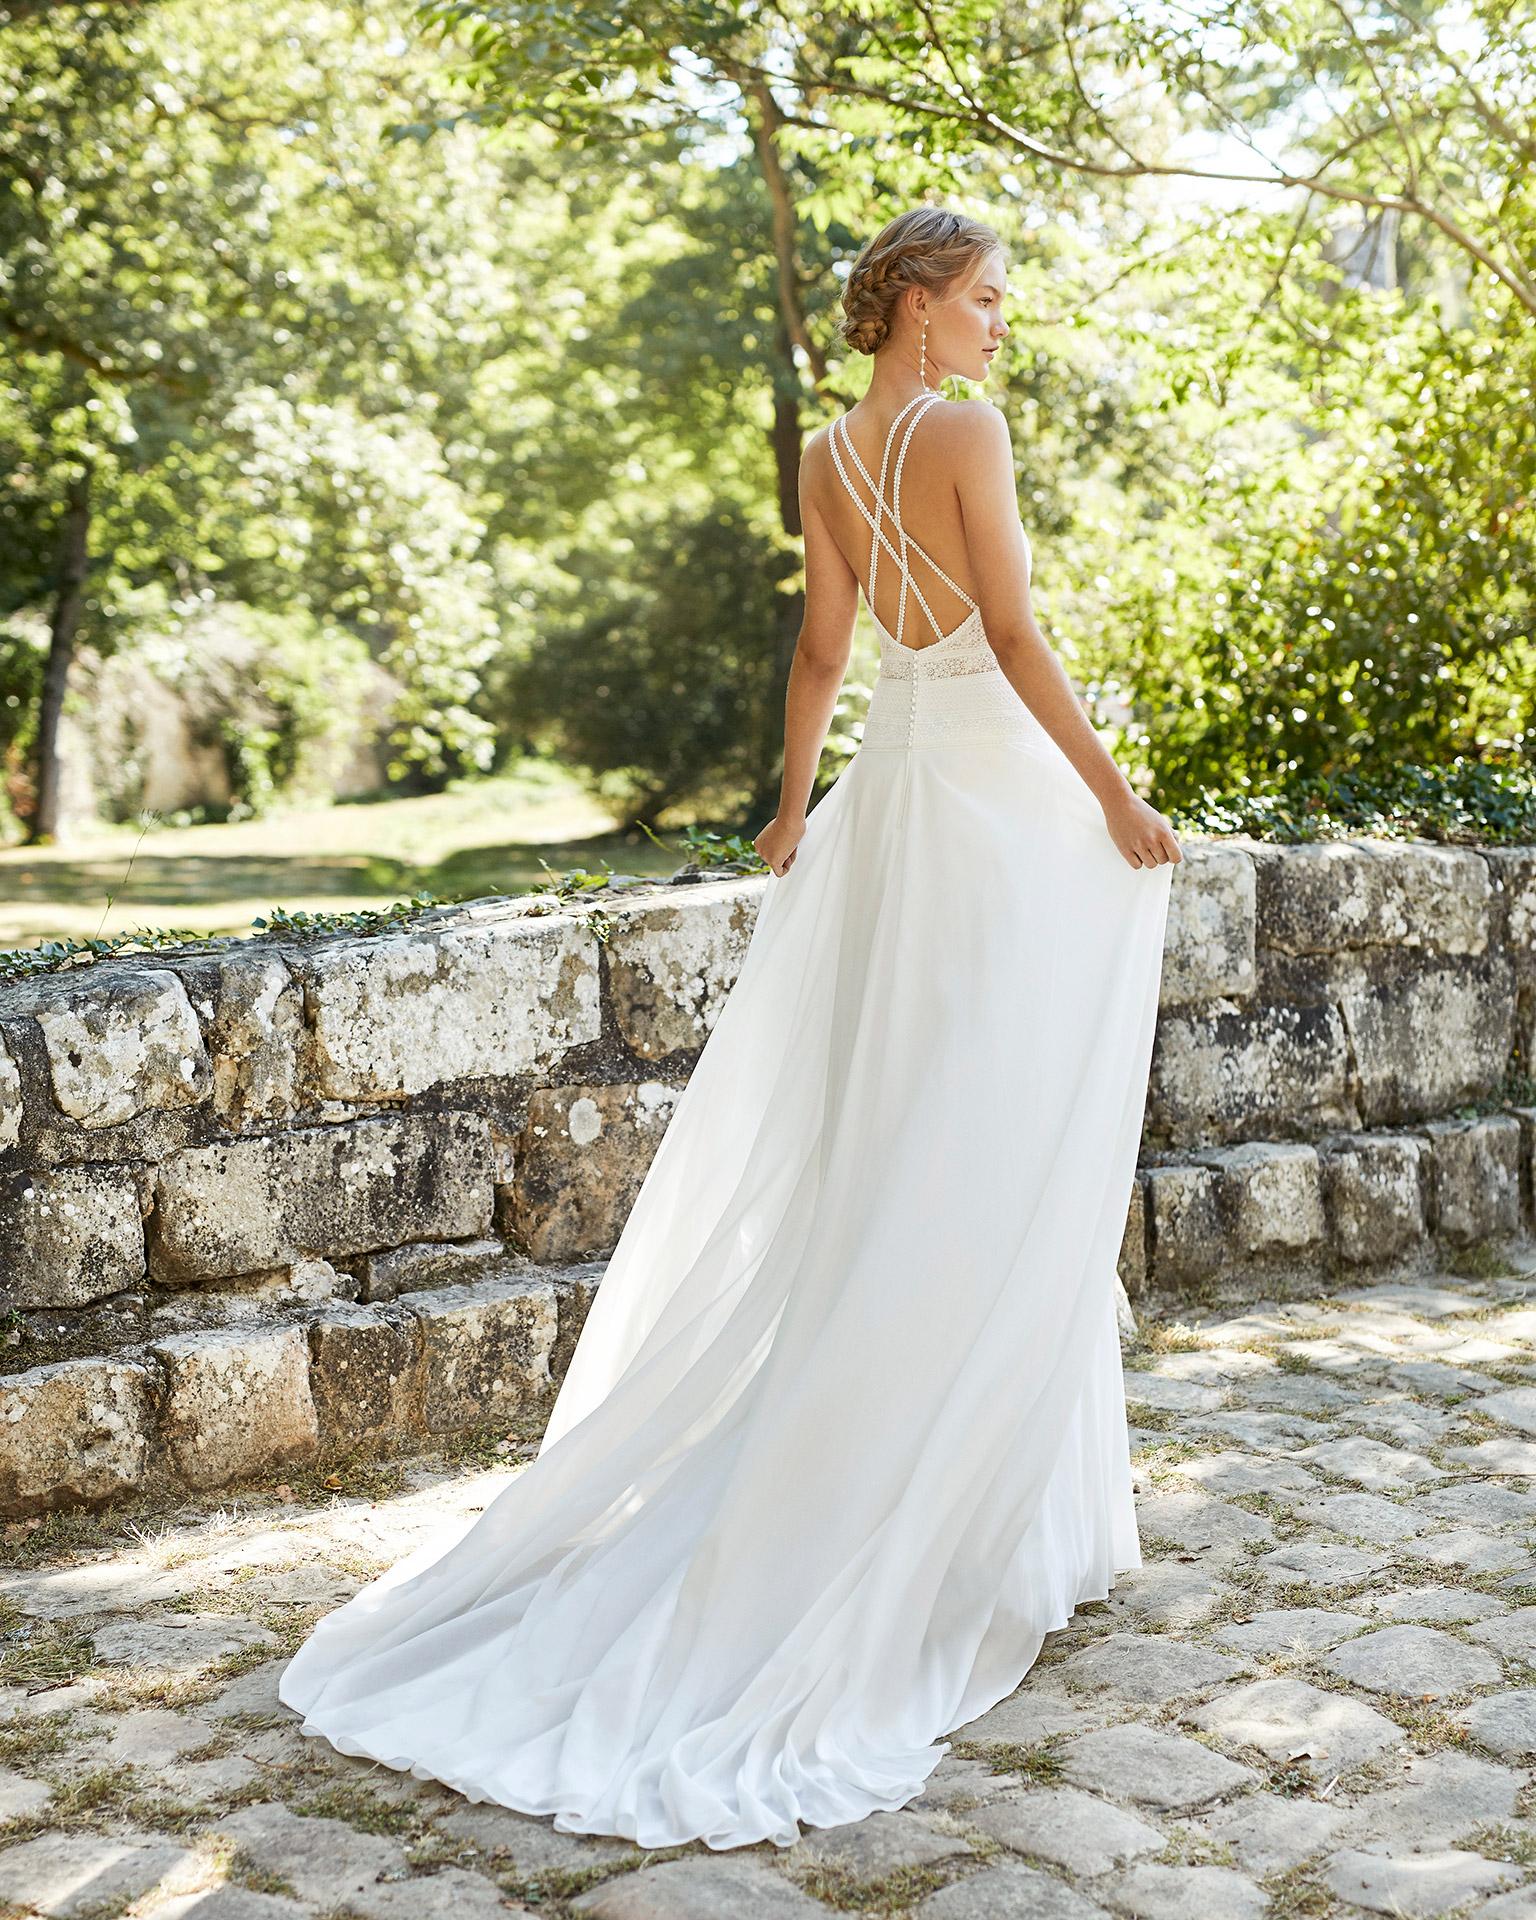 Vestido de novia de gasa. Escote cerrado de encaje, tirantes y espalda ecotada con tirantes cruzados. Colección ALMANOVIA 2021.